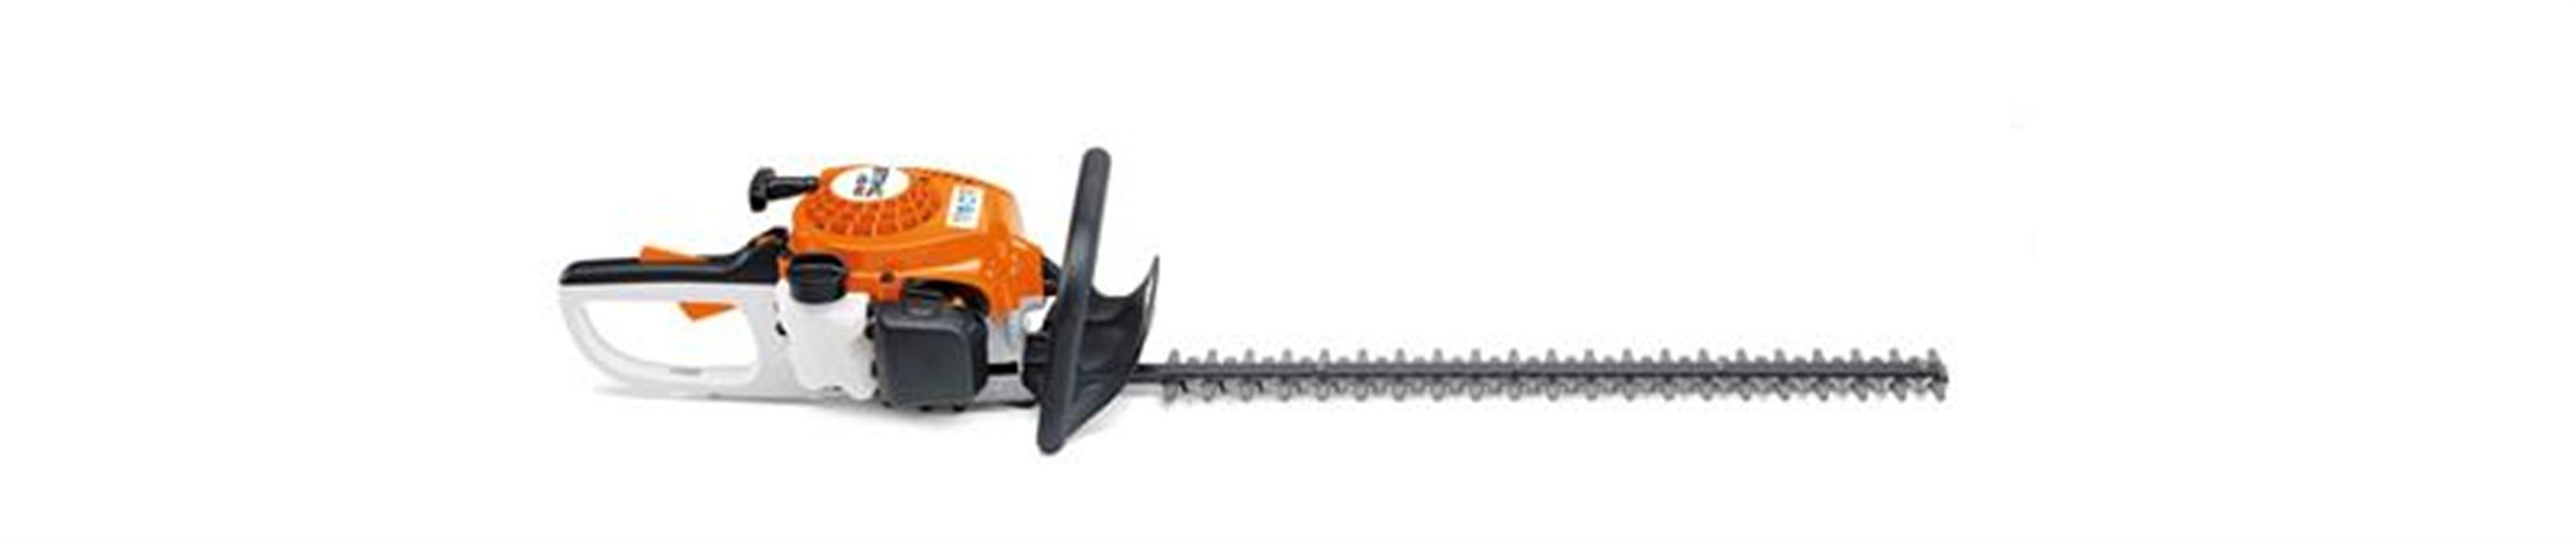 Stihl Heckenschere HS 45 Schnittlänge 45 cm